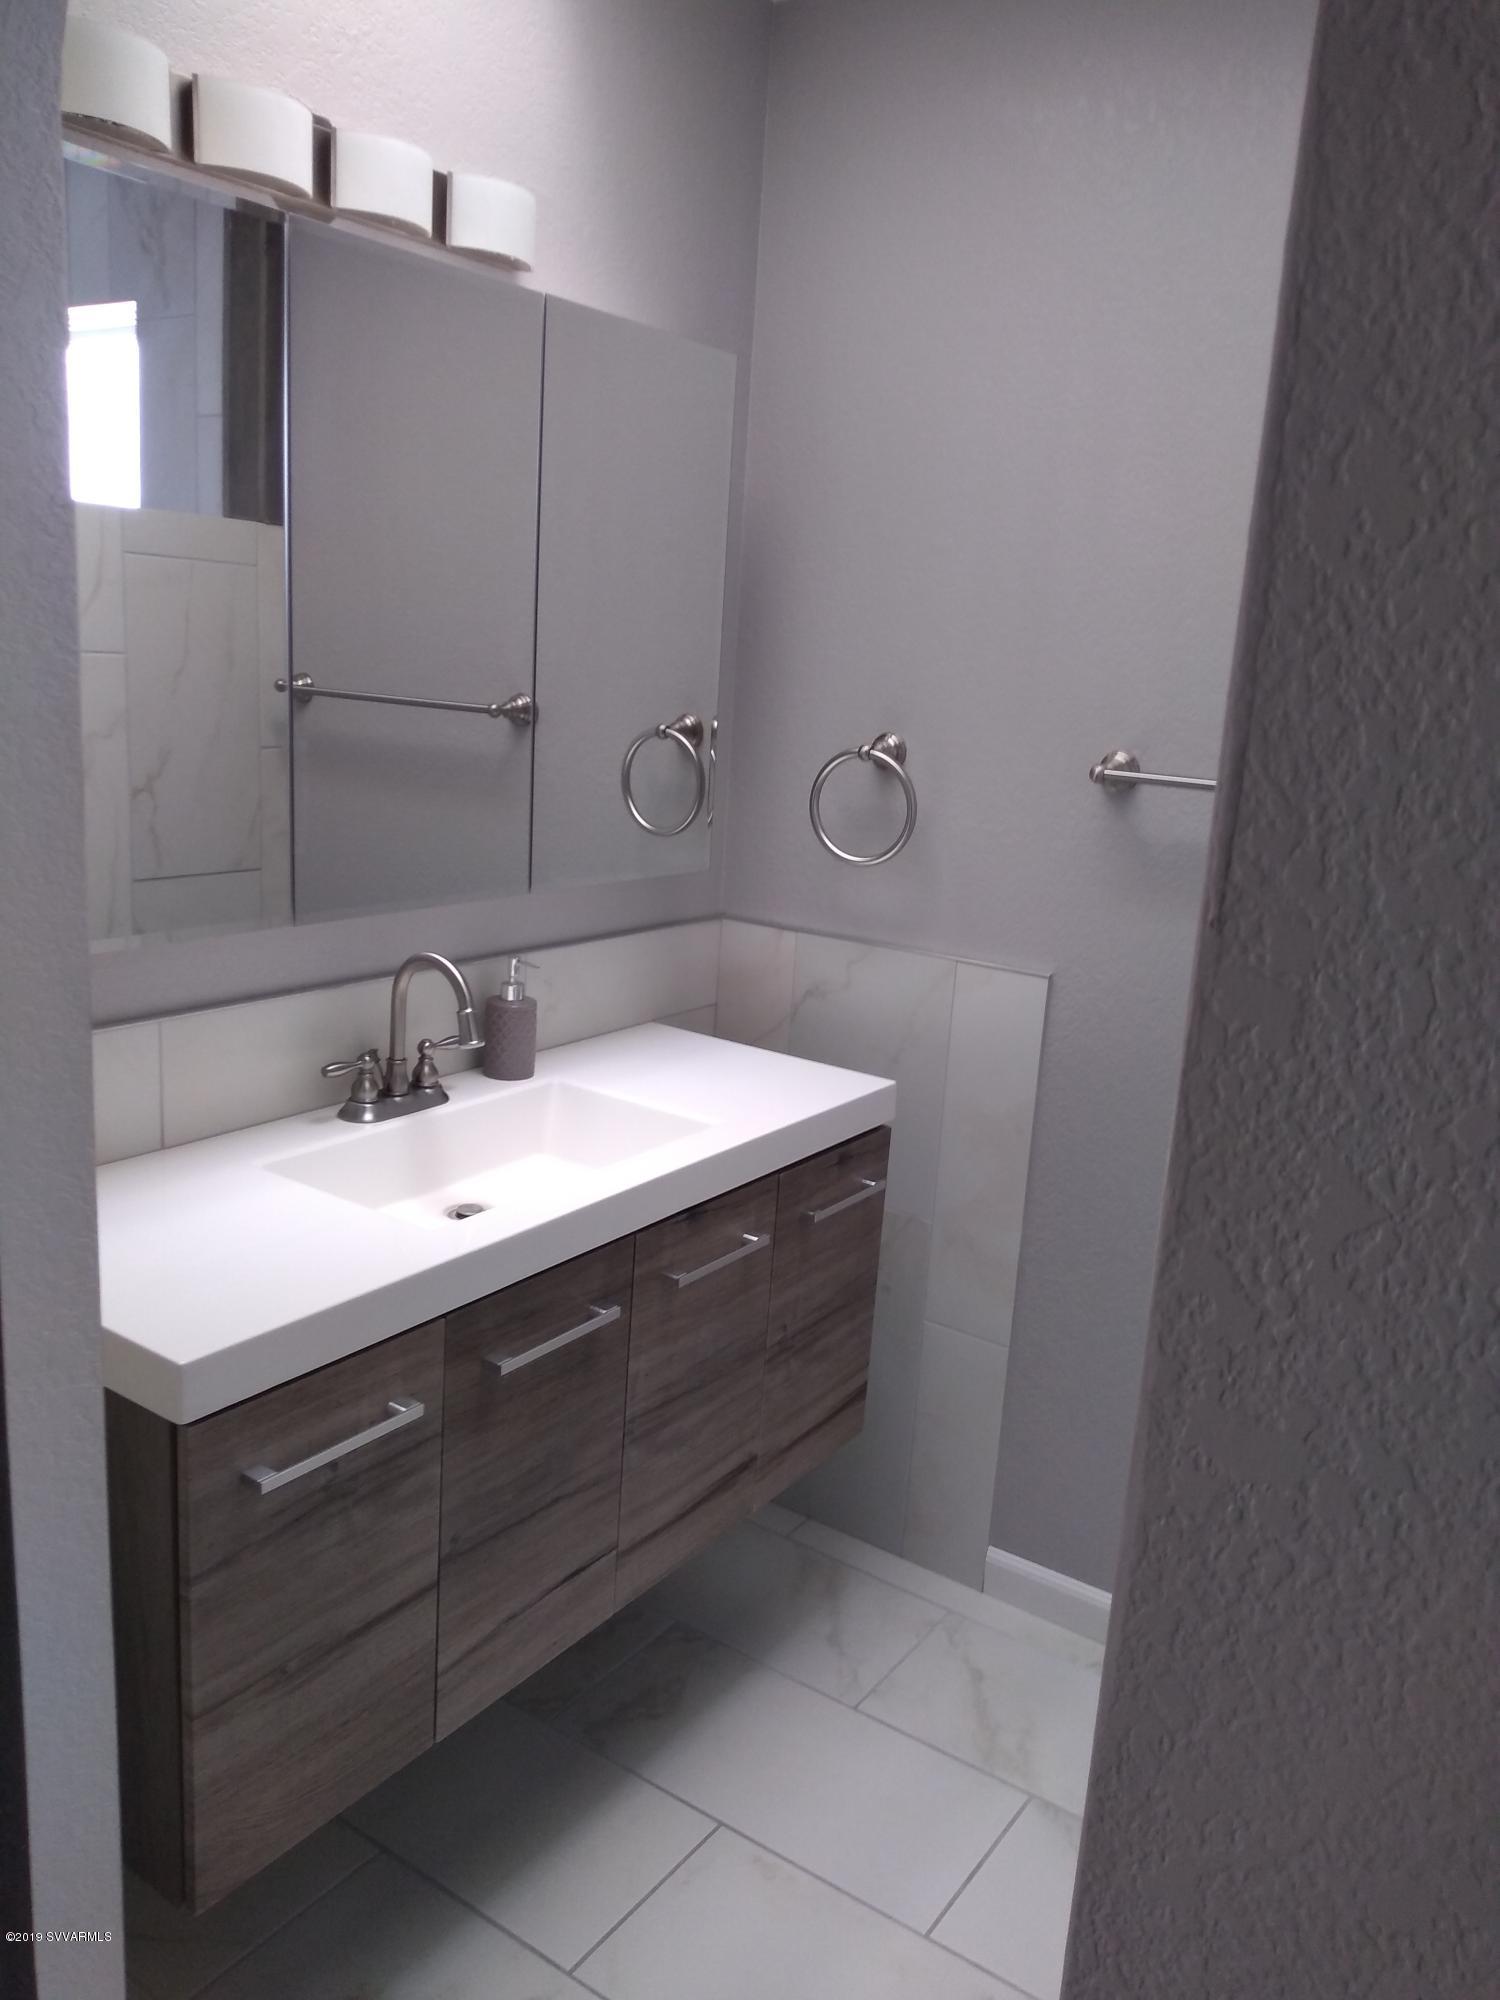 1242 Bow Maker Tr Cottonwood, AZ 86326